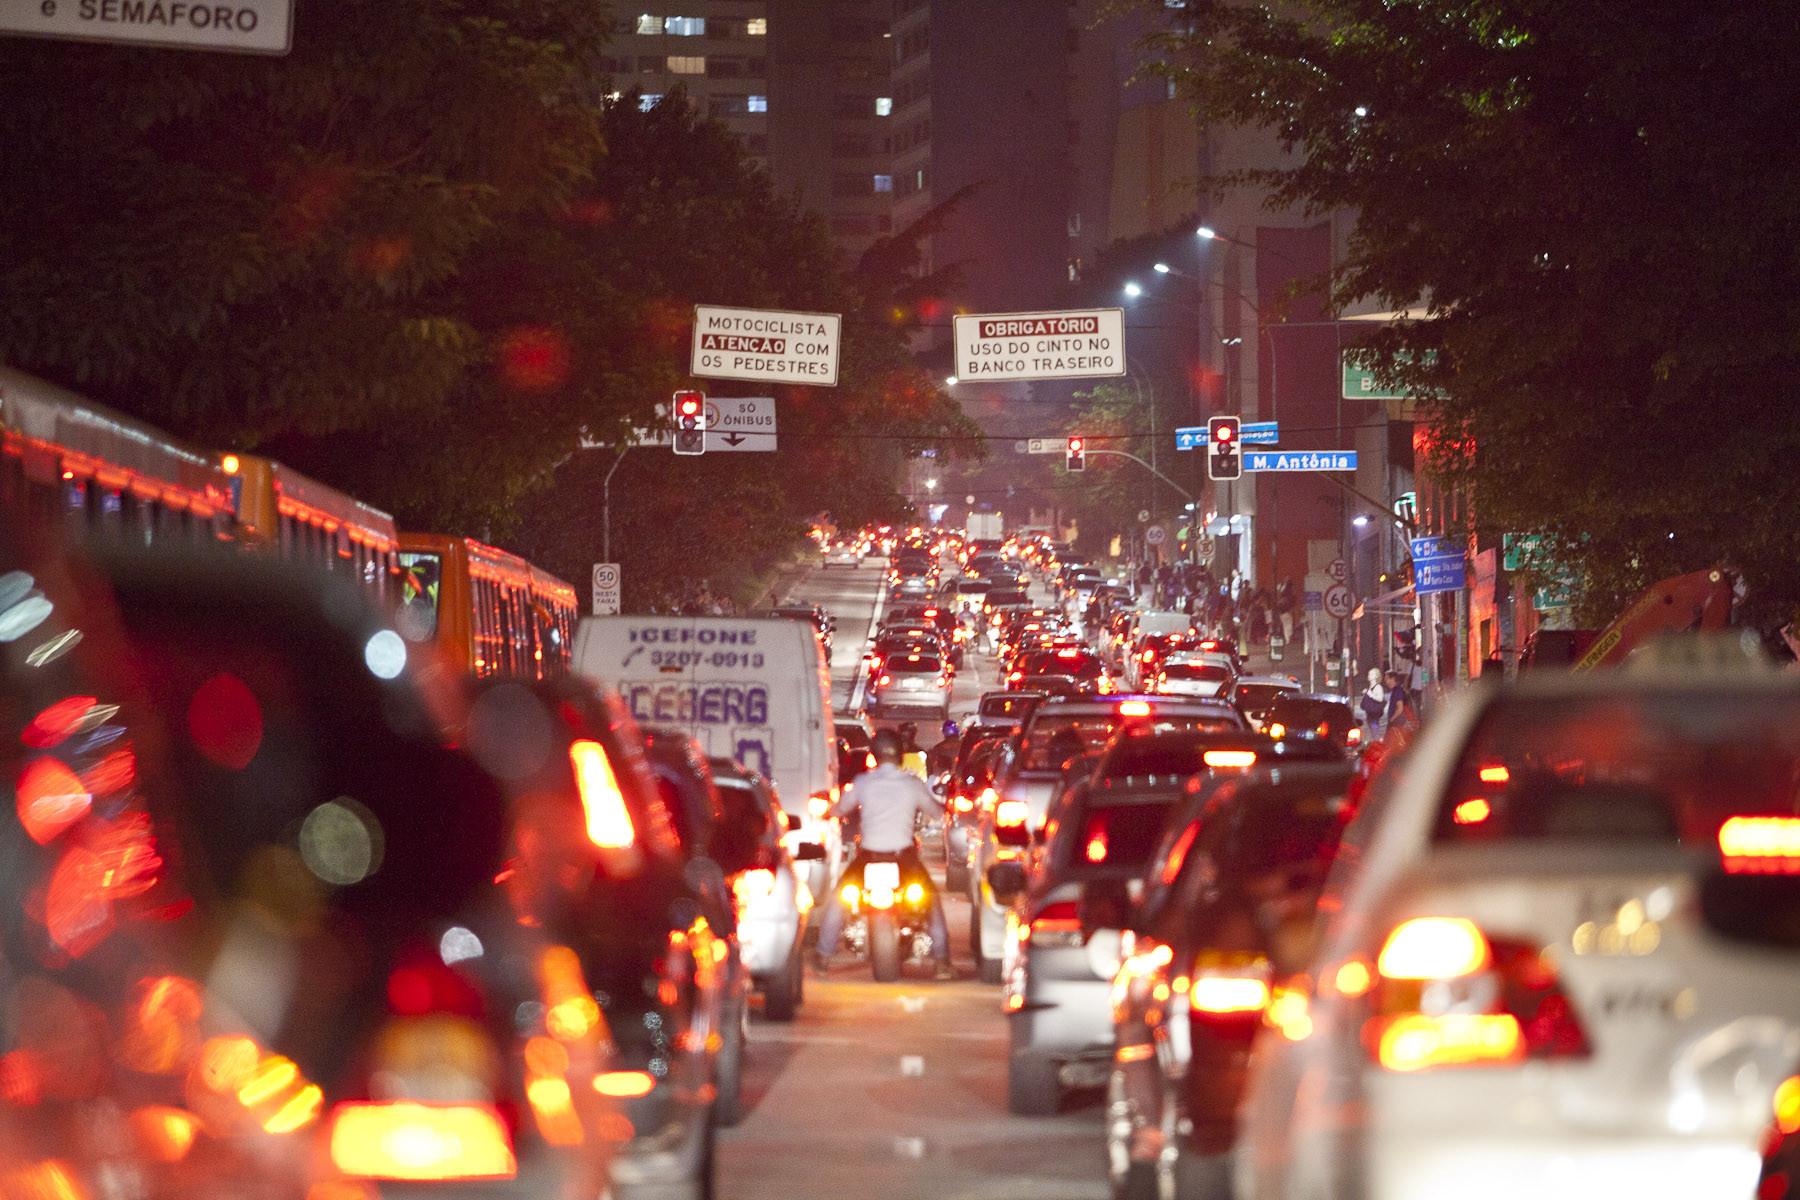 Habitantes de São Paulo chegam a perder um mês por ano no trânsito, Na Rua da Consolação, em São Paulo, é comum vermos congestionamentos durante várias horas do dia.. Image © Carlos Barreta / Flickr